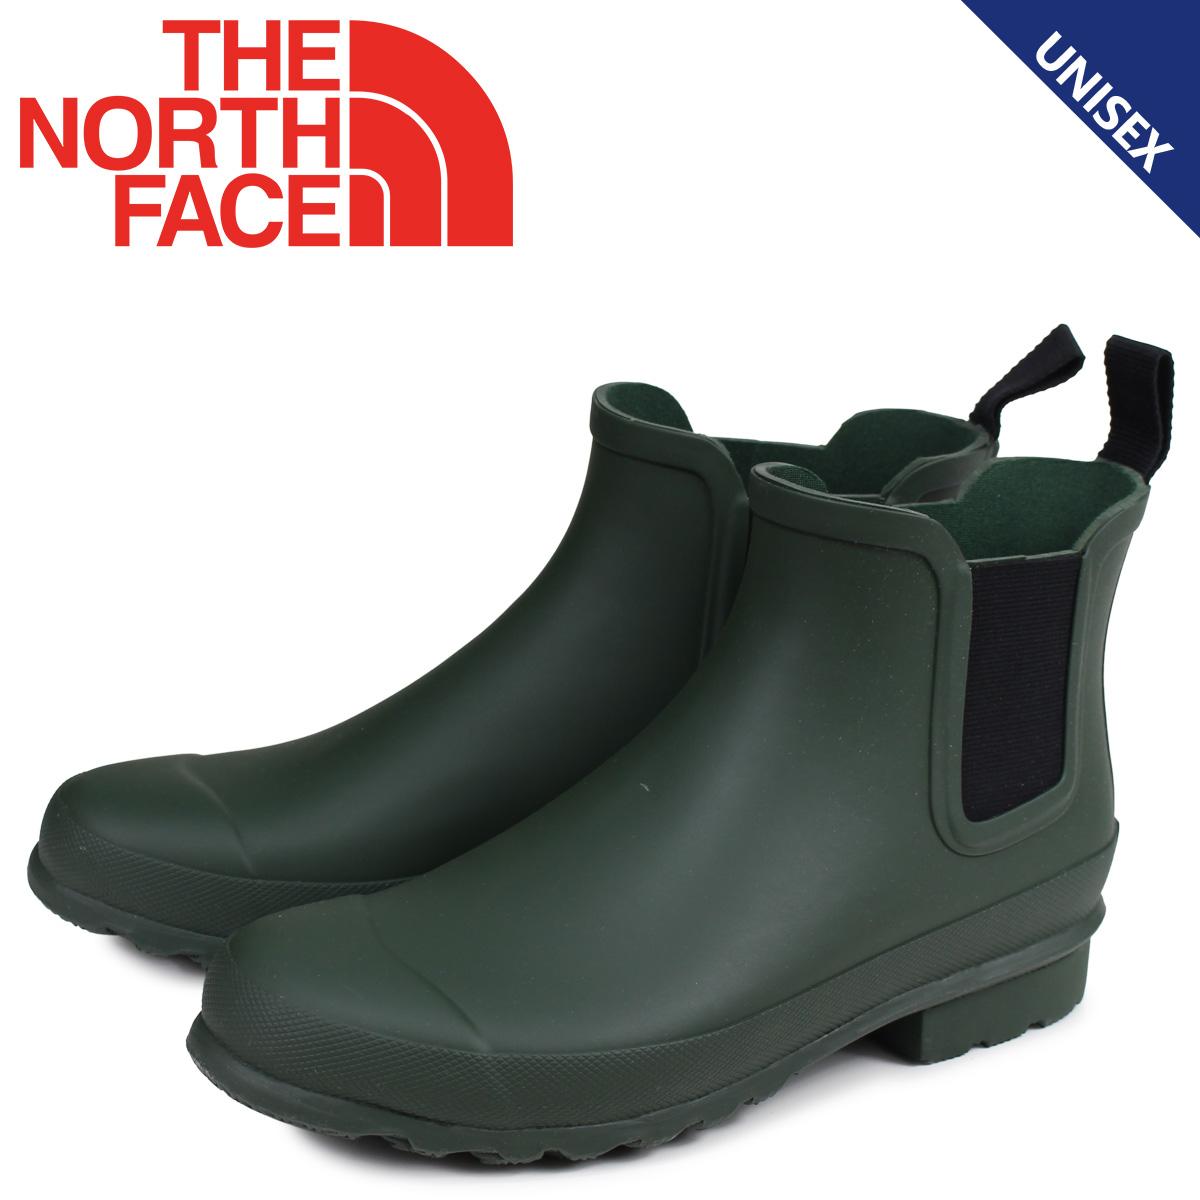 ノースフェイス THE NORTH FACE トラバース ブーツ レインブーツ メンズ レディース TRAVERSE RAIN BOOTS SIDE GORE カーキ NF51751